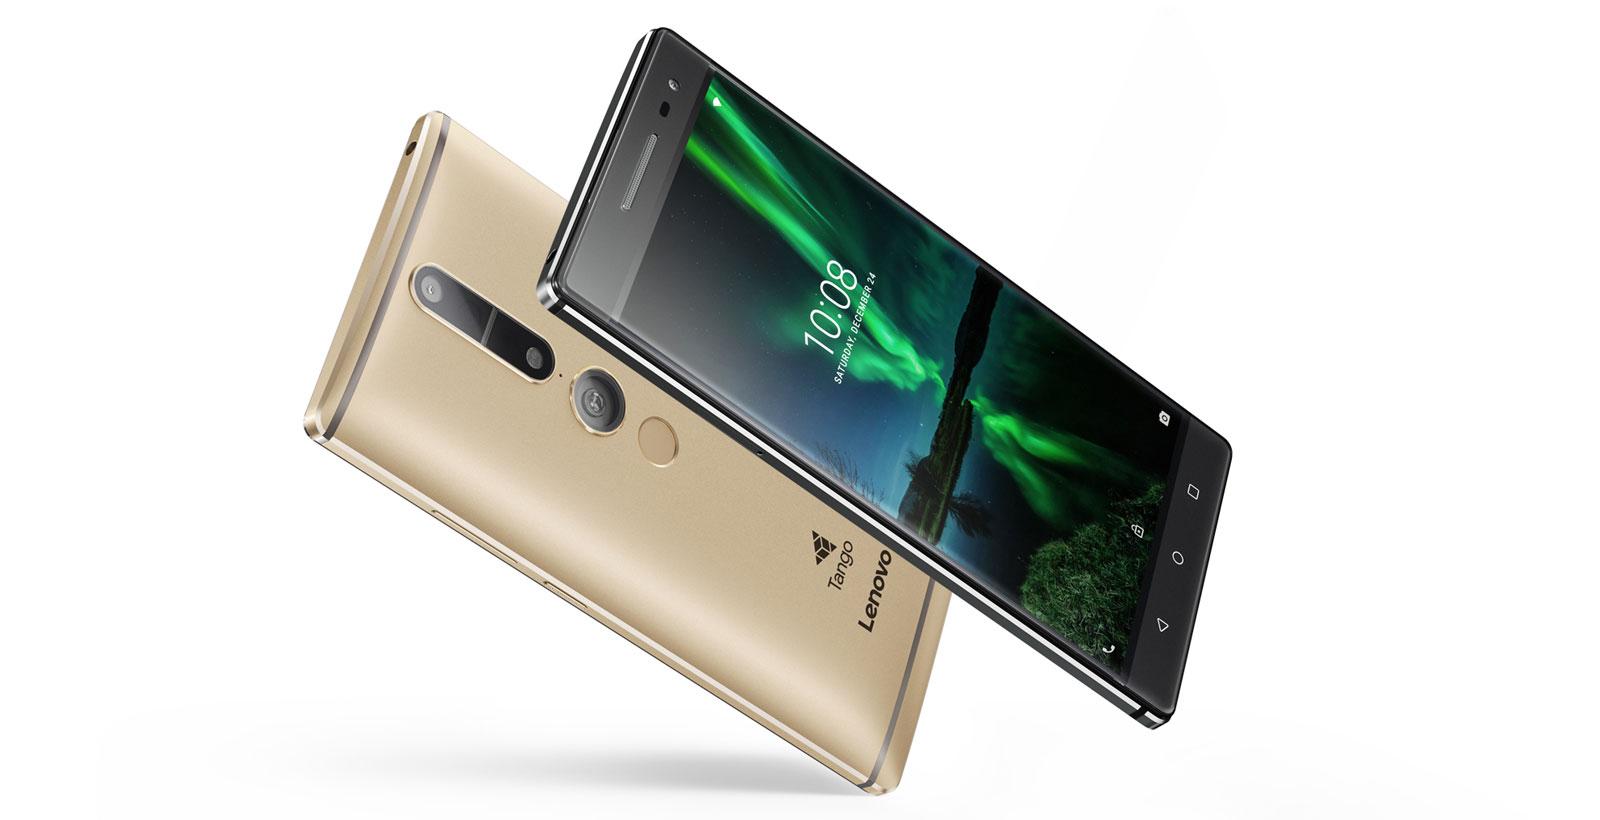 Réalité augmentée et téléphones modulaires: Lenovo largue le Canada | Branchez-vous